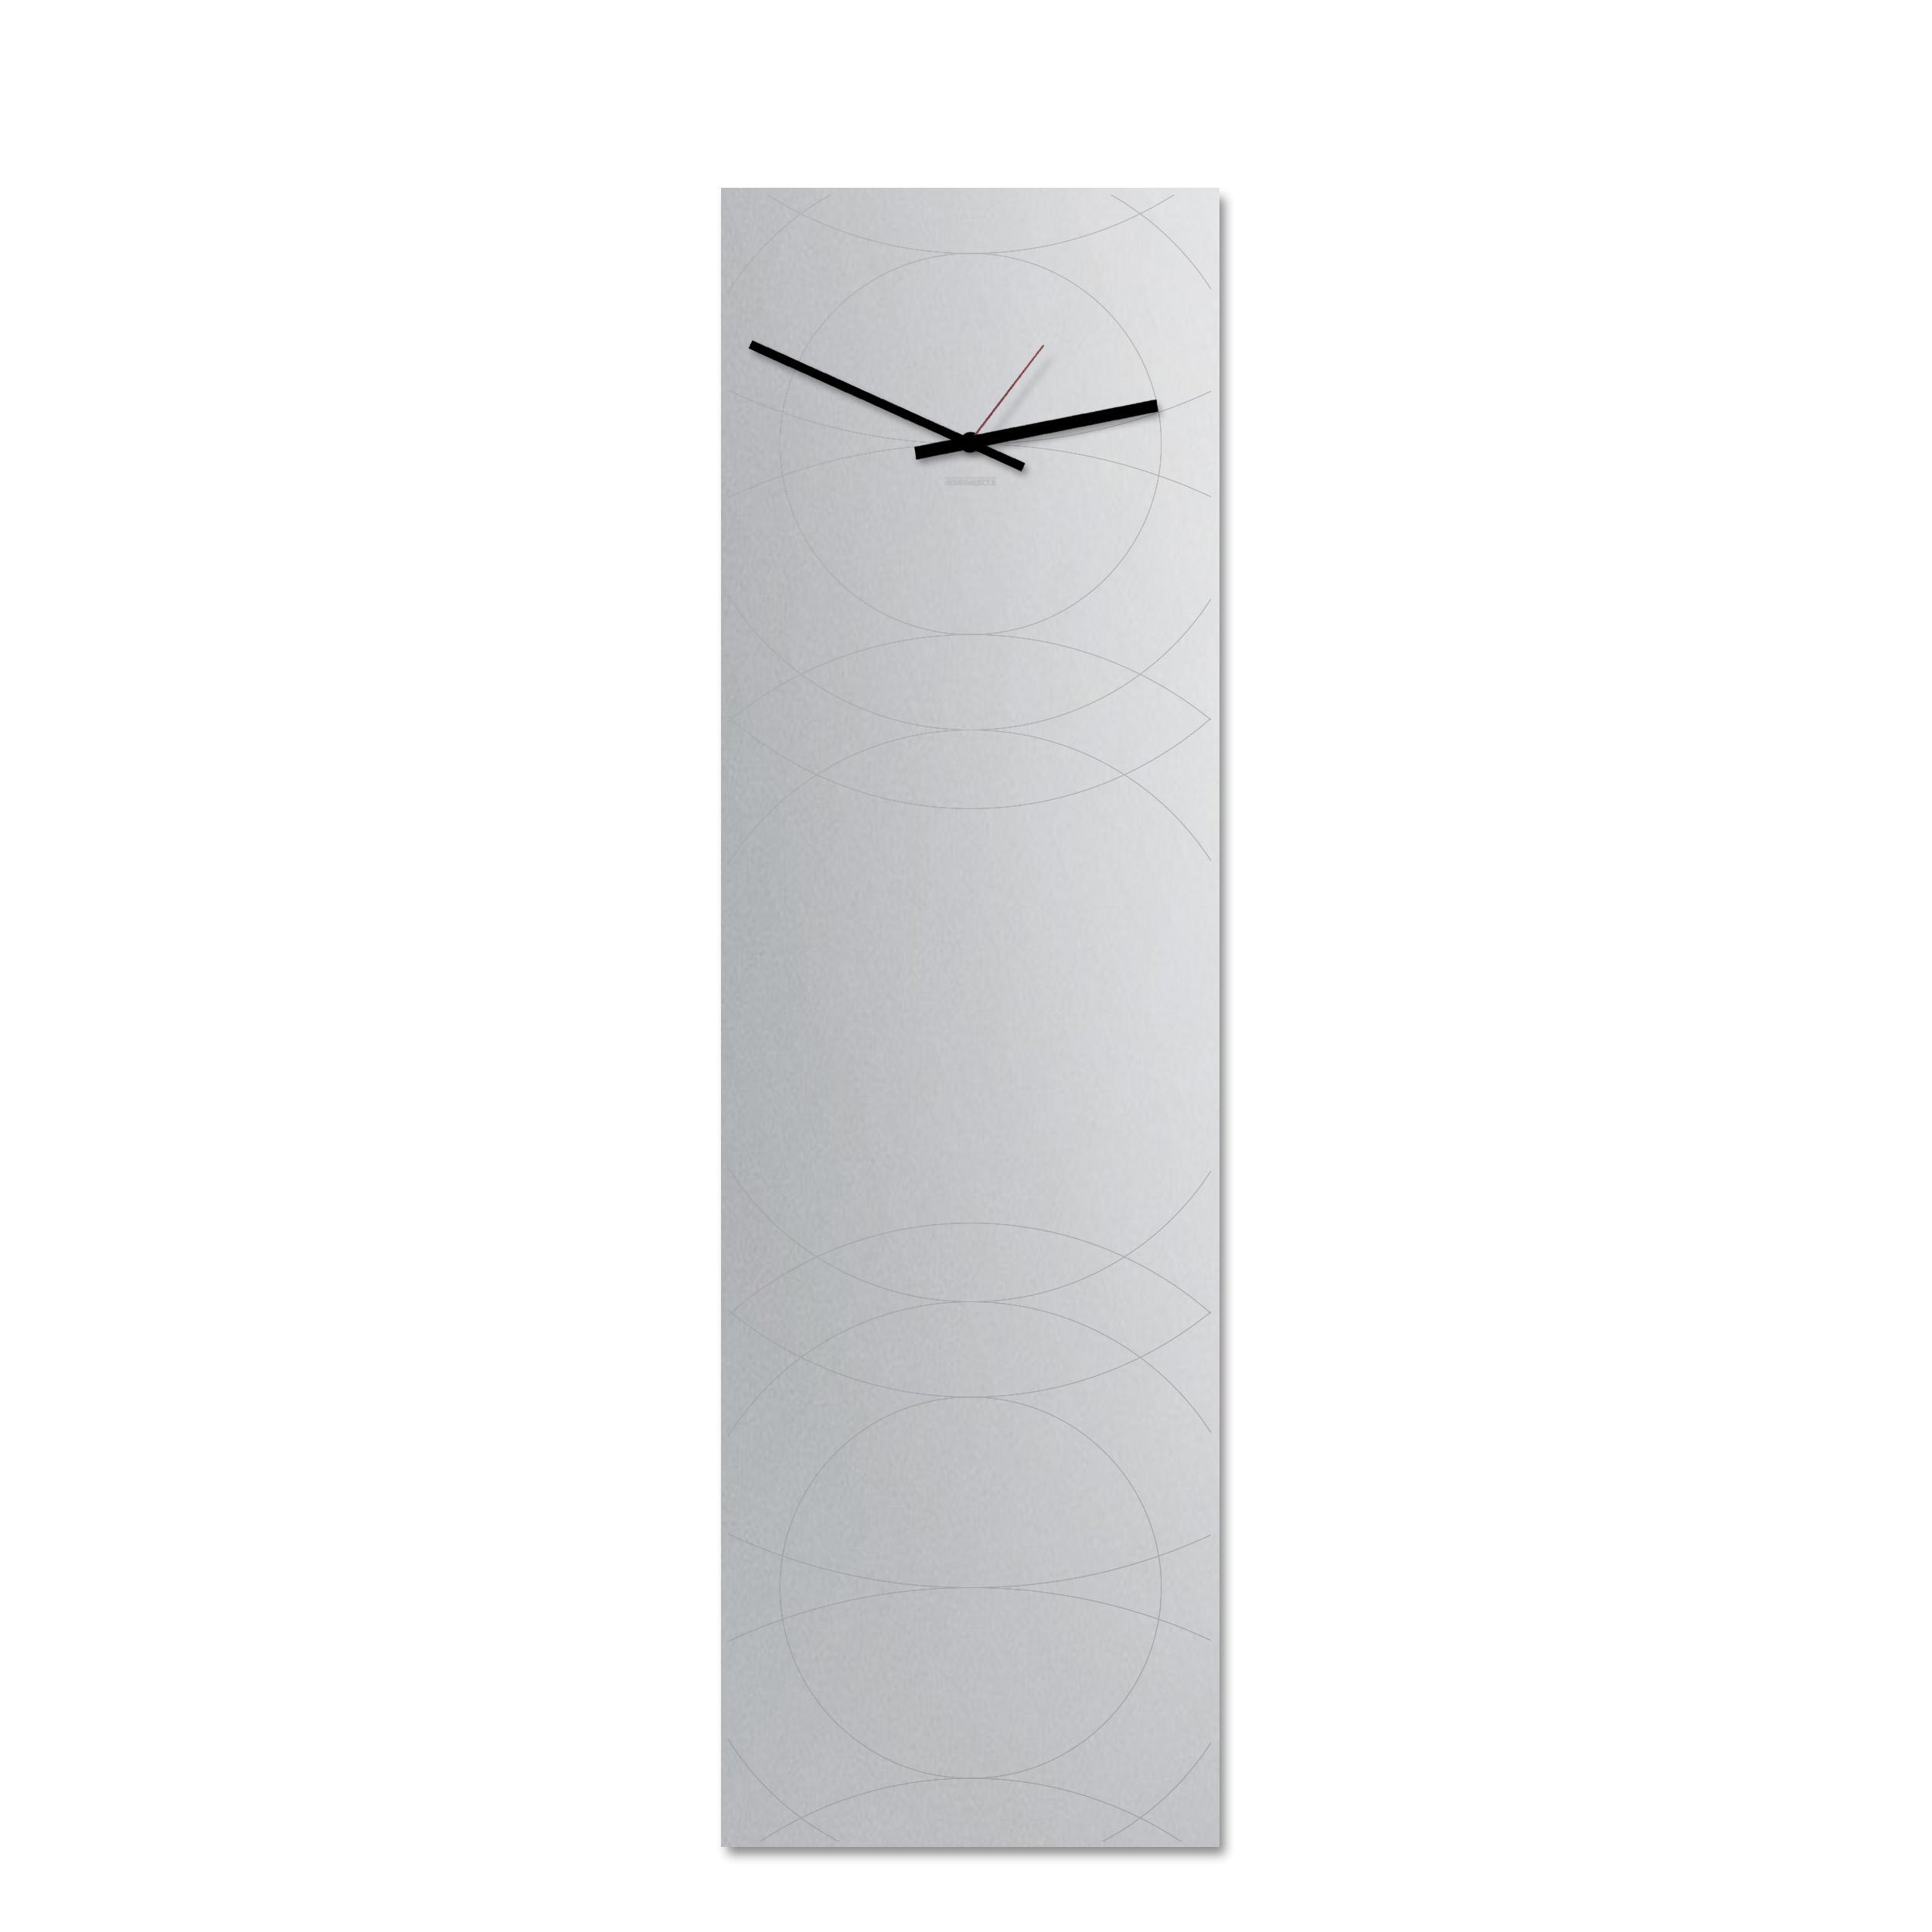 Orologio specchio di design designobject for Specchio design moderno da parete